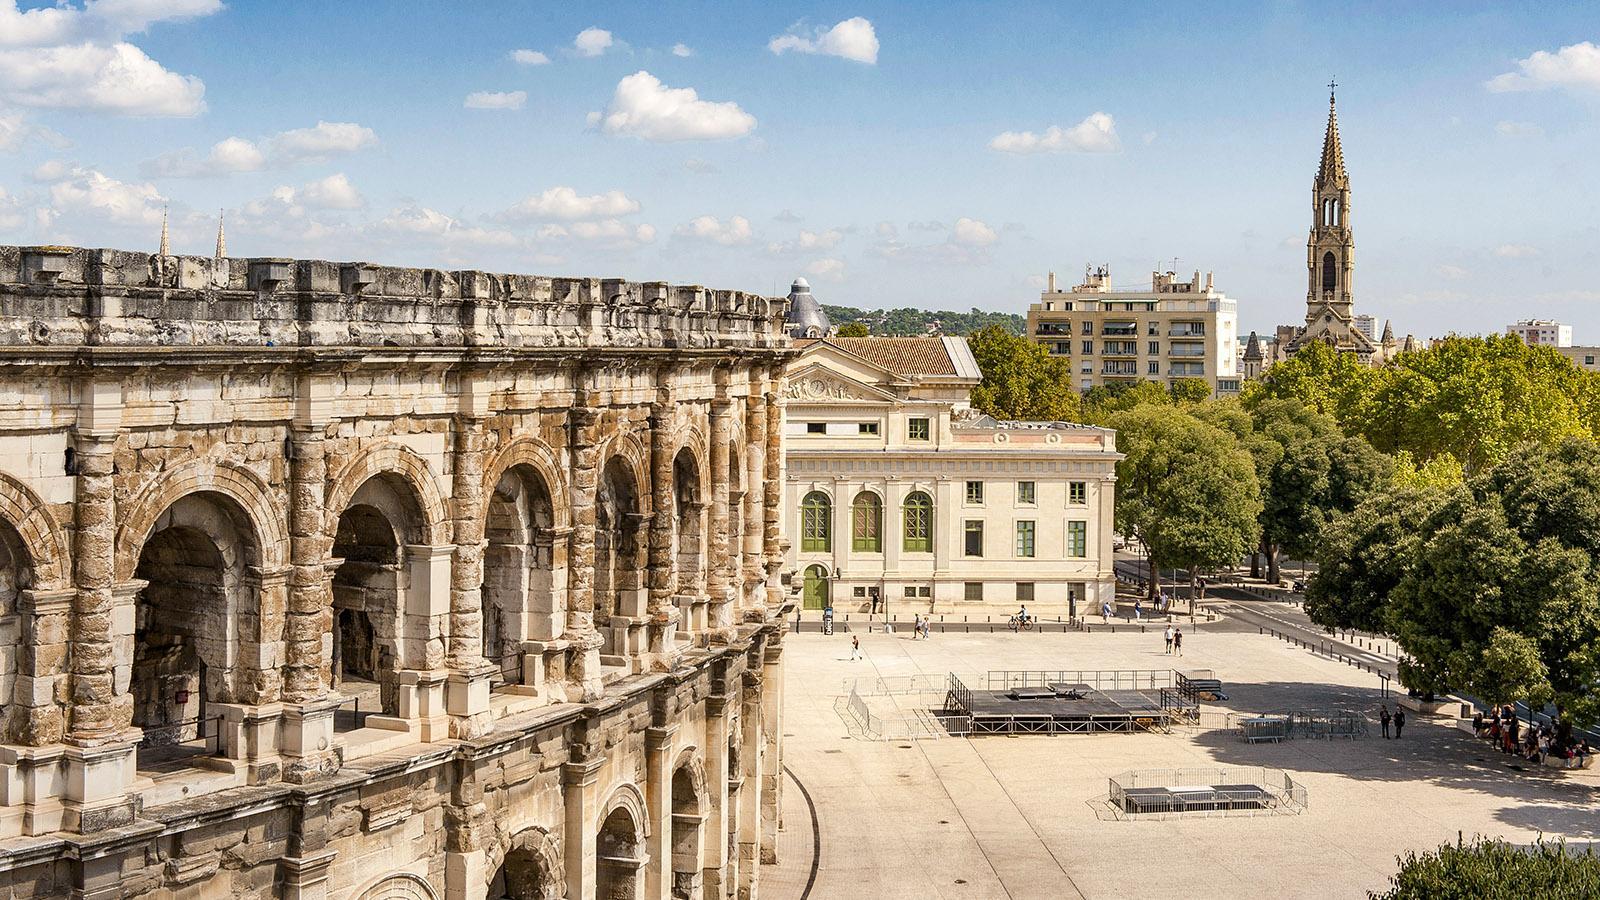 Die Arenen von Nîmes mit der Place des Arènes. Foto: Hilke Maunder